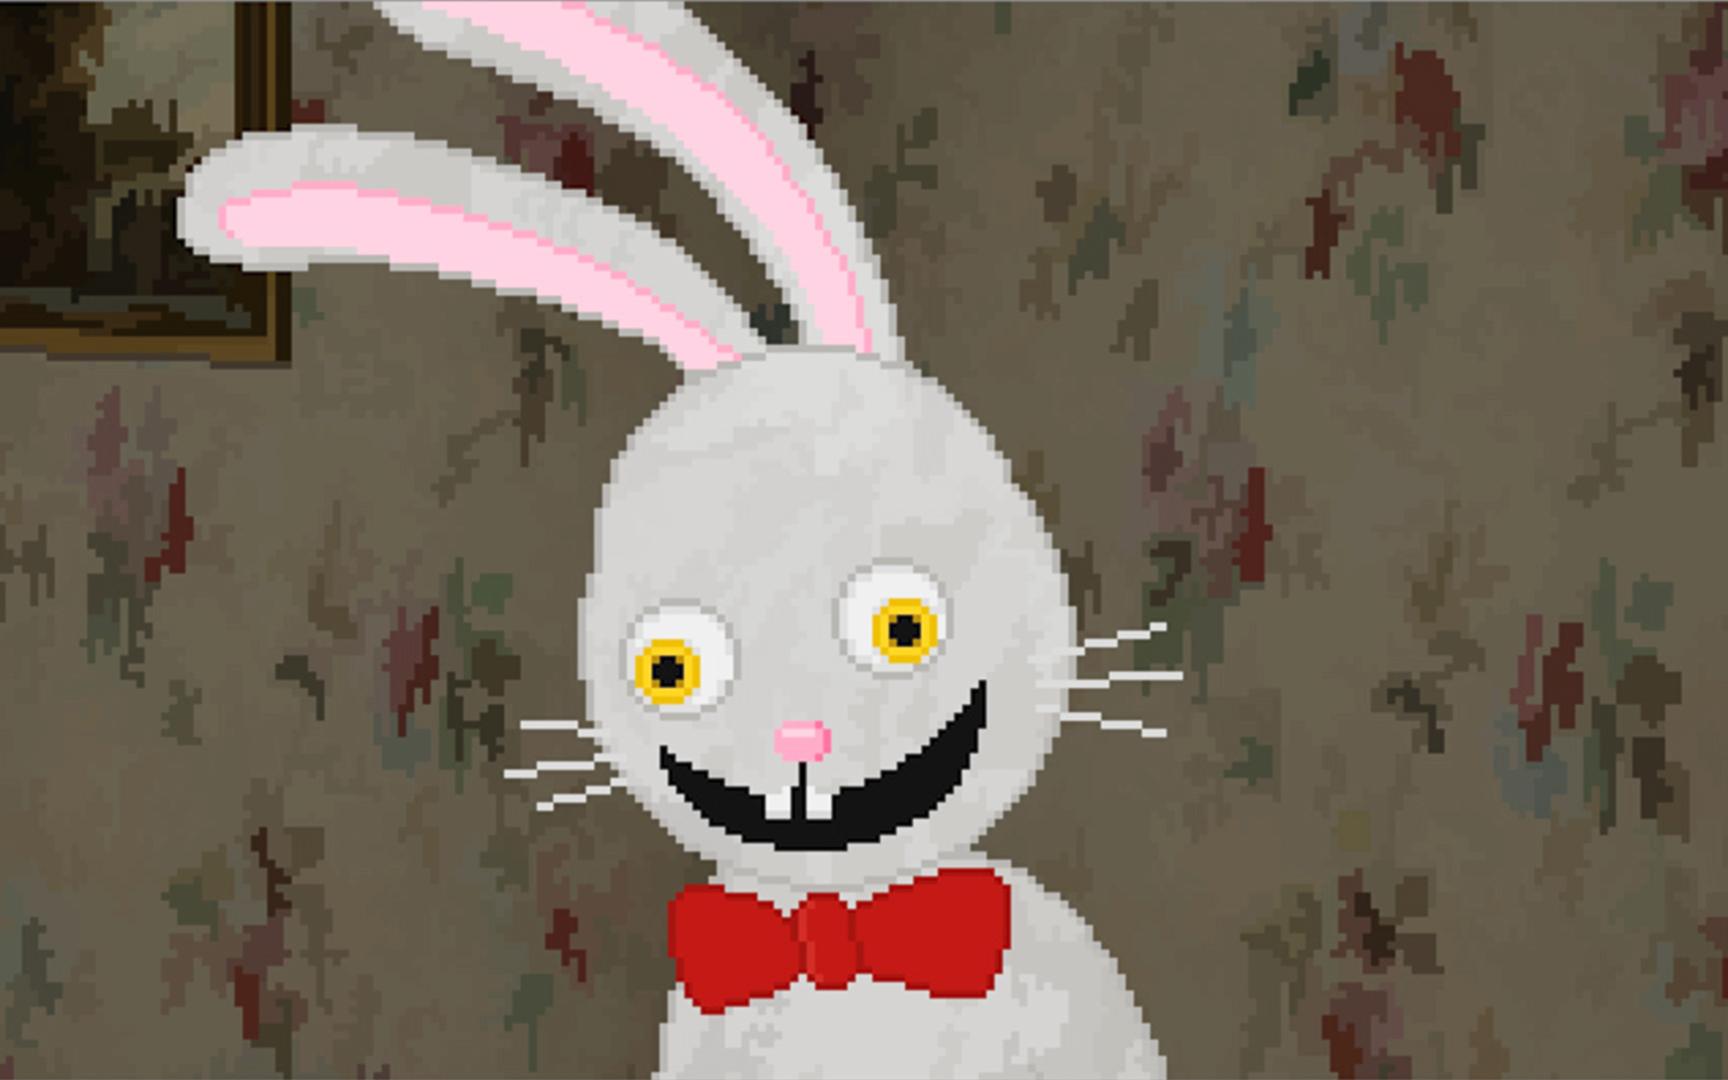 史上最恐怖的兔子!《霍普先生的玩具屋2》试玩版